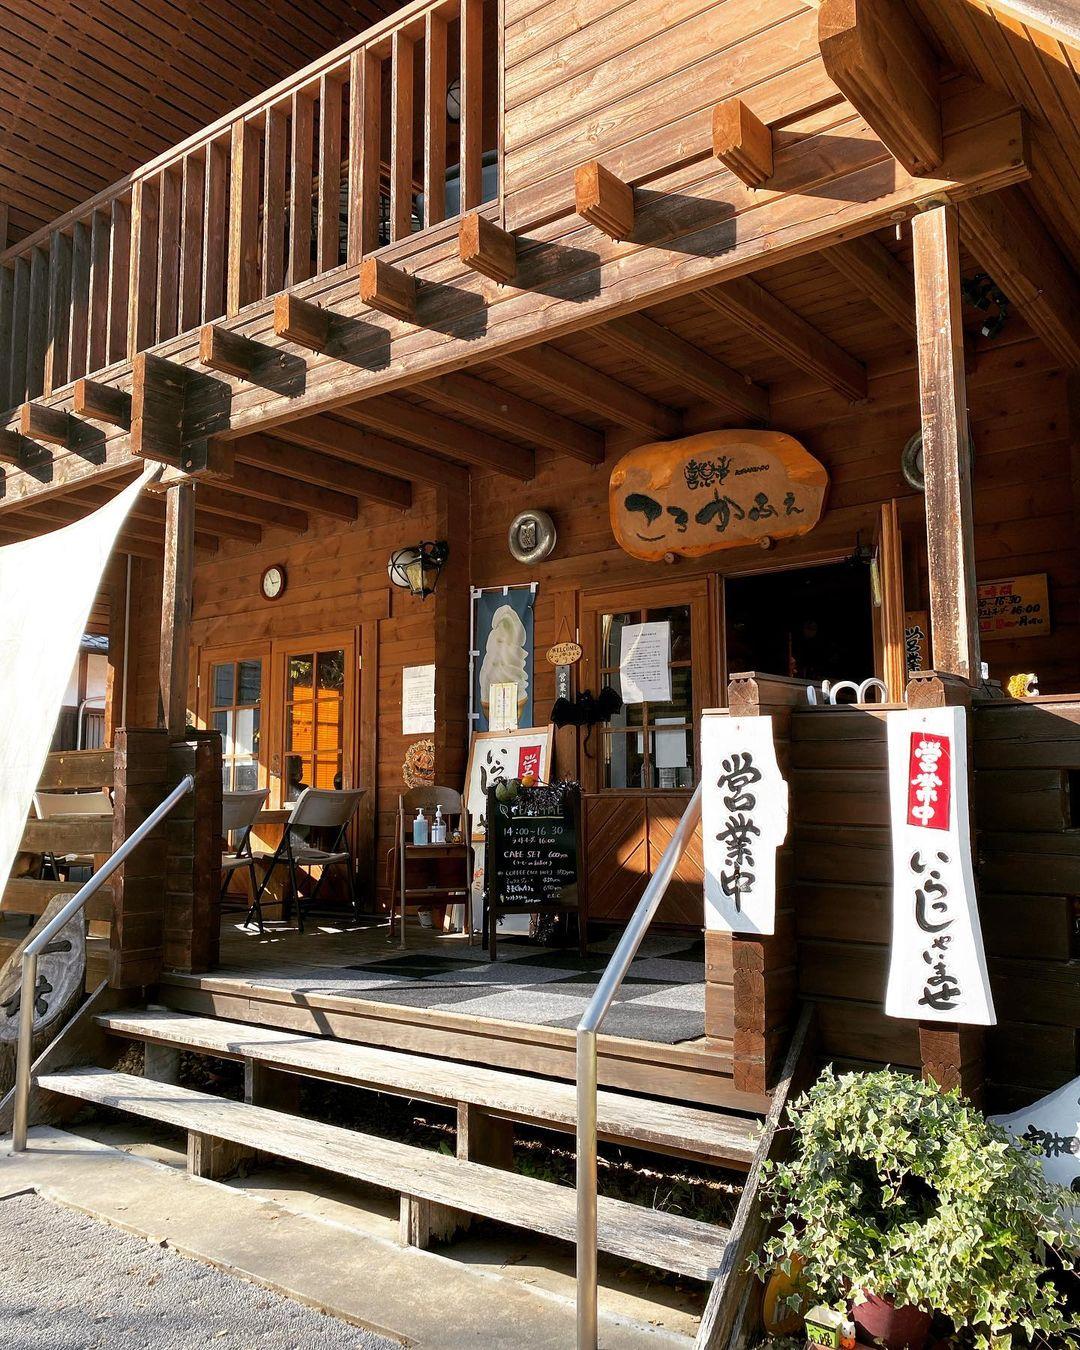 【2020.12/26閉店★】堺市南区・とっても可愛いログハウス『喜楽歩 ころかふぇ』が閉店されるようです・・・。: